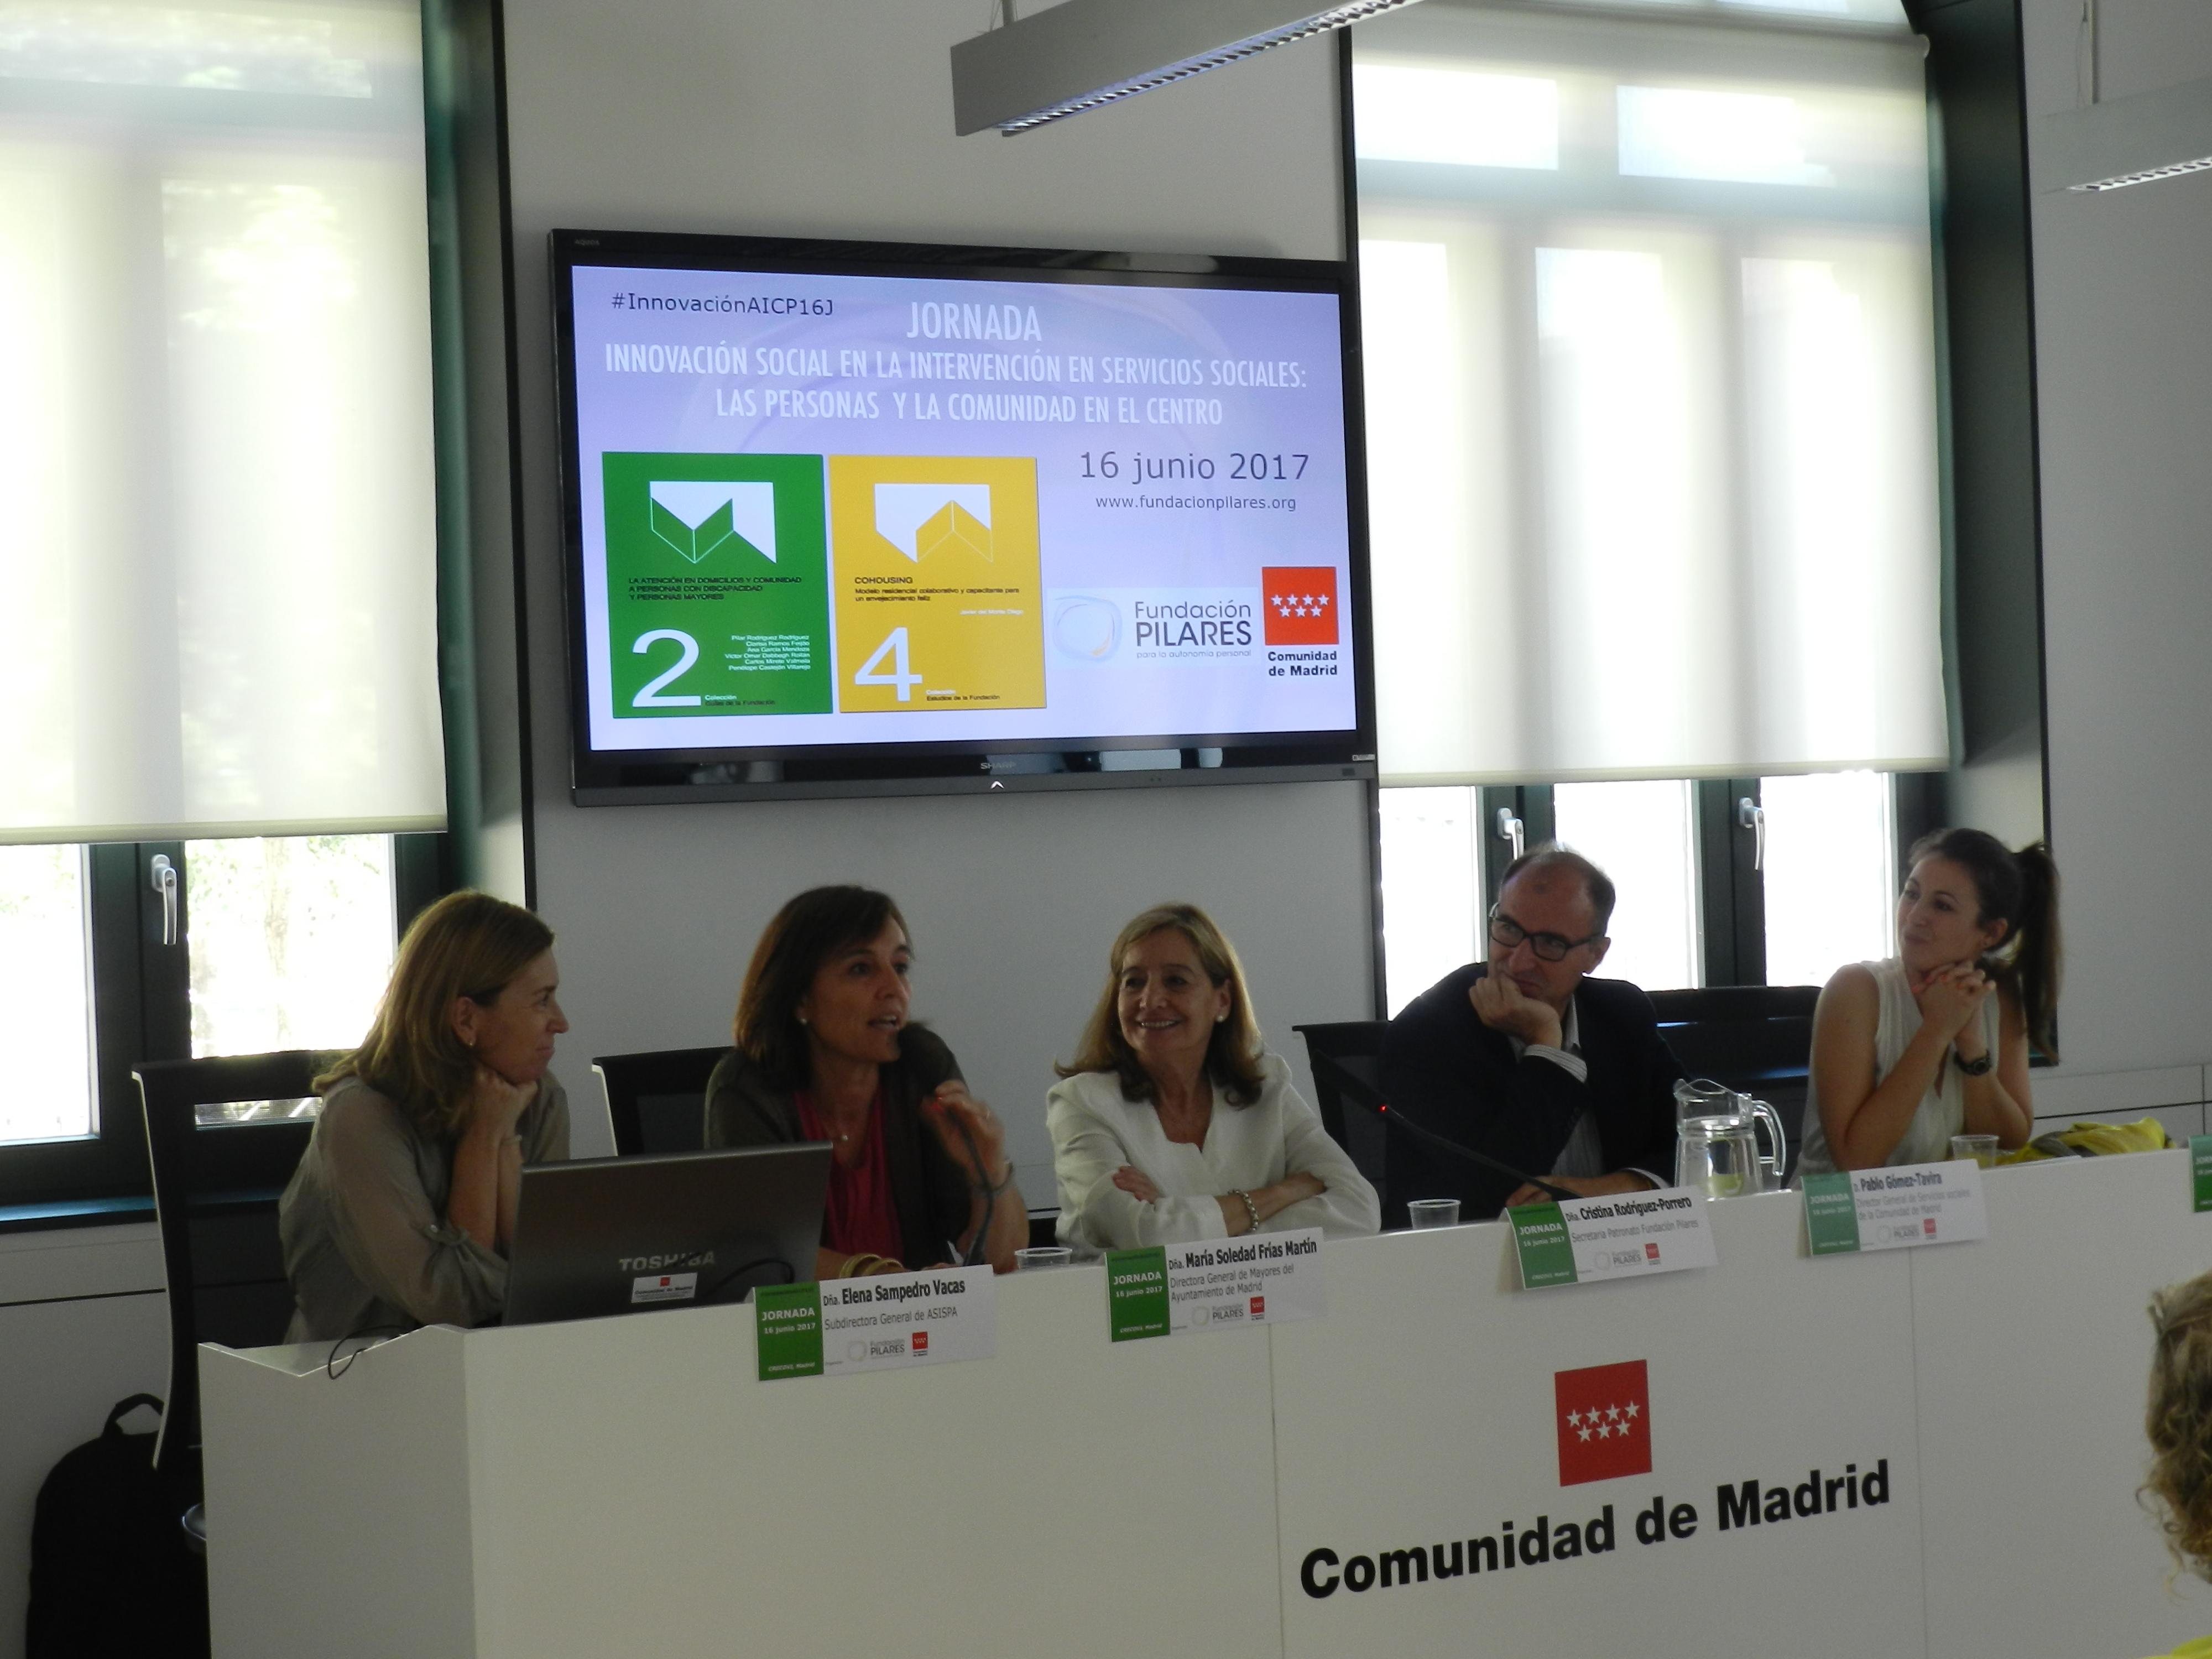 Elena Sampedro Vacas, María Soledad Frías Martín, Cristina Rodríguez-Porrero, Pablo Gómez-Tavira y Sara Saiz Bailador